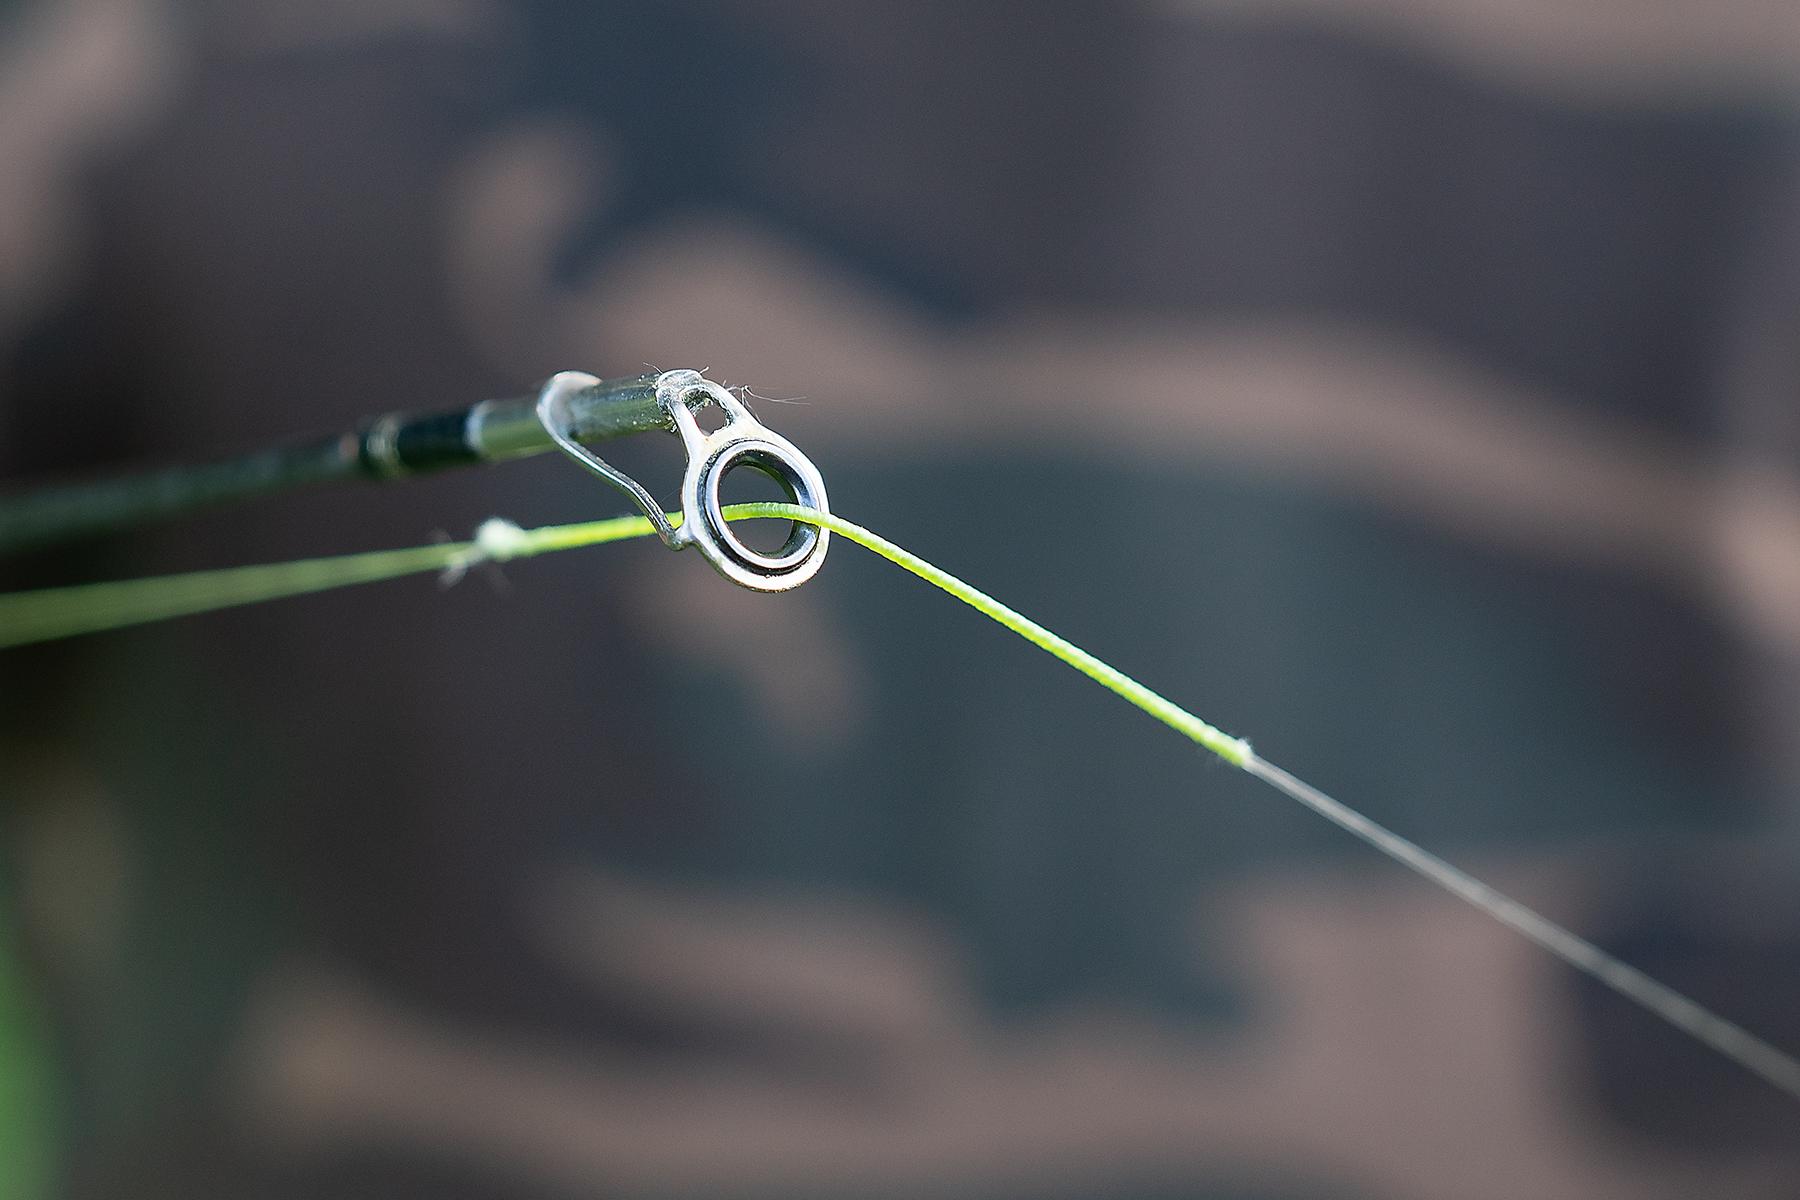 geflochtene mit monofiler verbinden - Der 100% Knoten